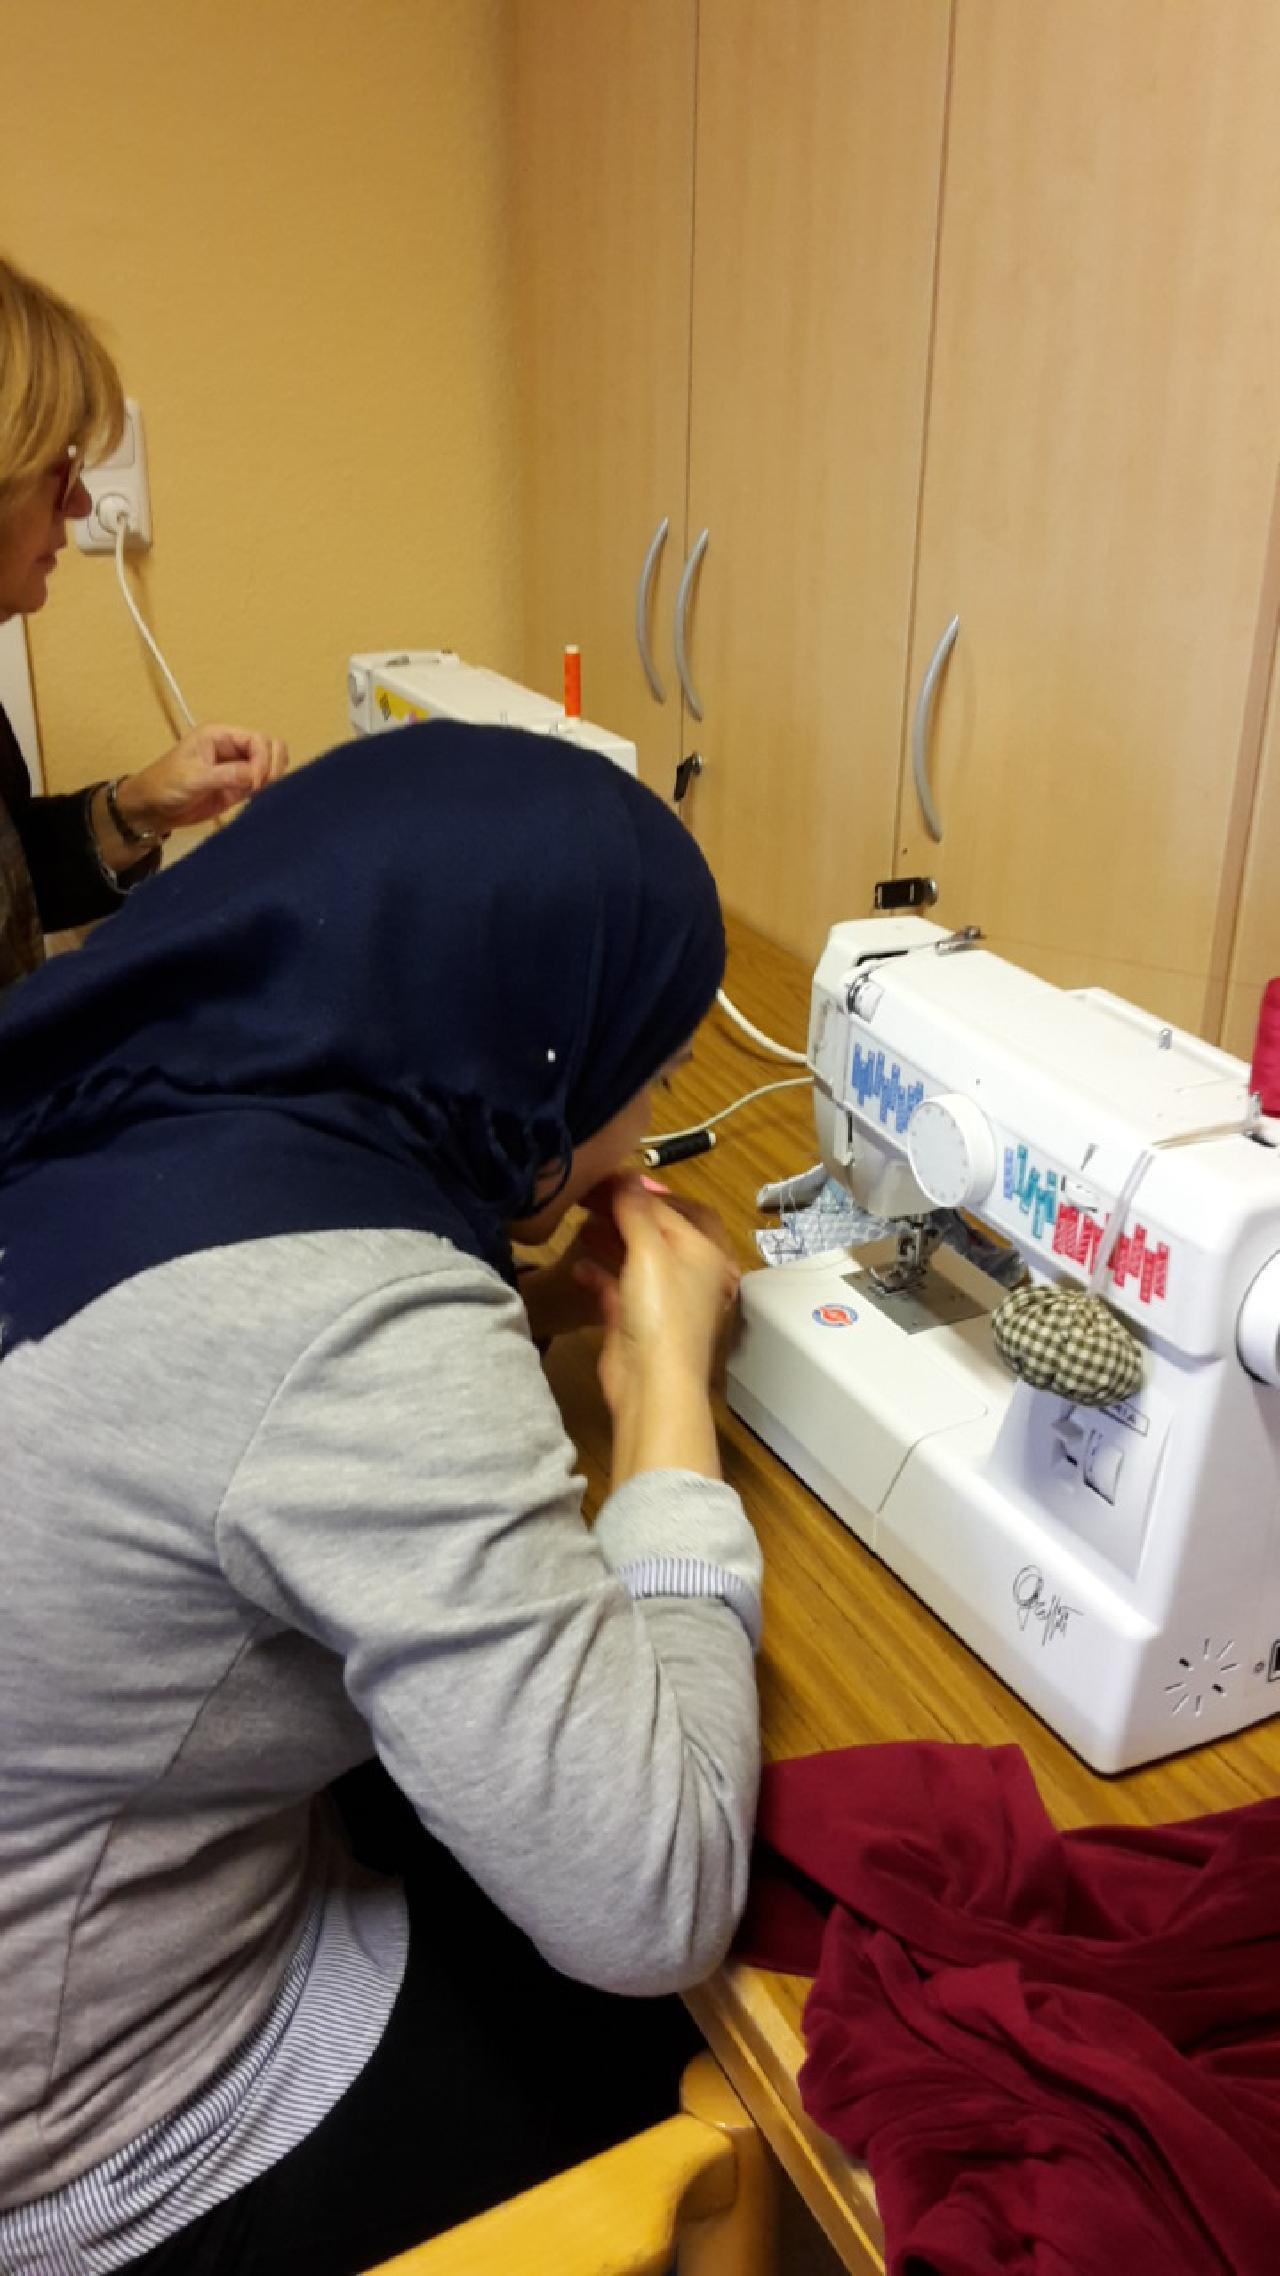 Zwei Frauen an Nähmaschinen